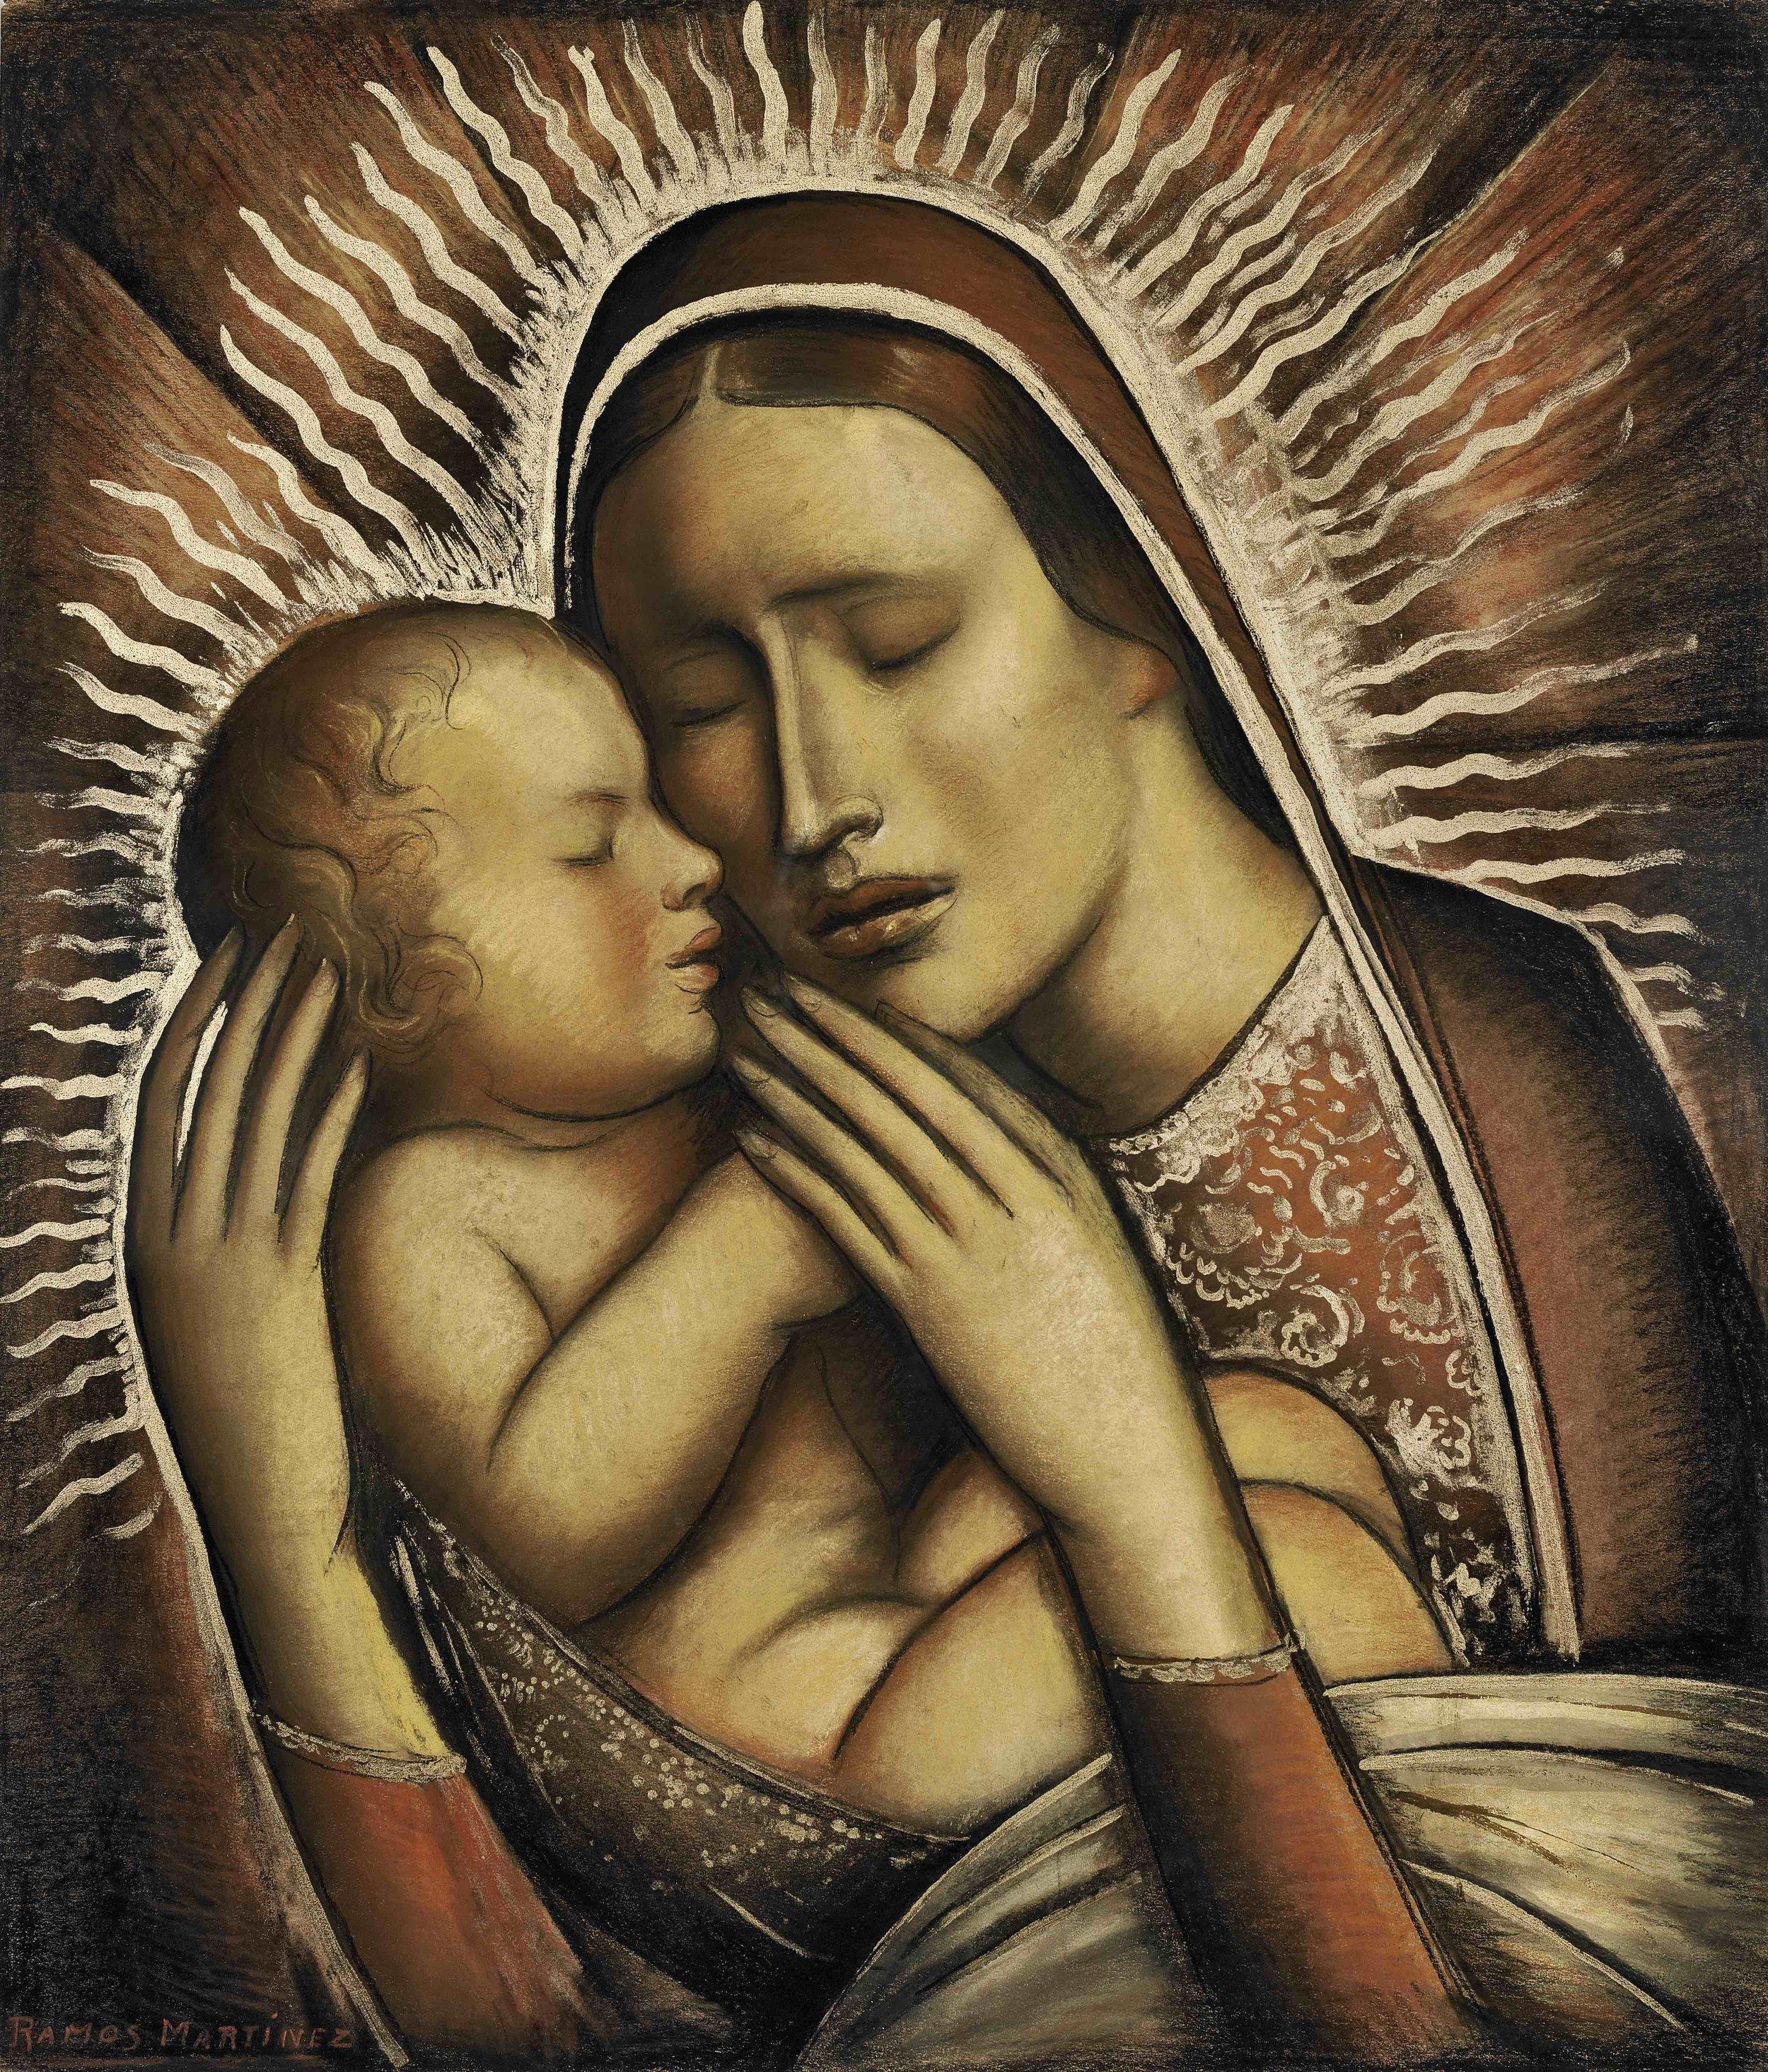 La Virgen y el Niño / The Virgin and Child  ca. 1941 tempera, gold leaf and charcoal on board / temple, oro en hoja y carbón sobre tabla 25 x 21.3 inches; 63.5 x 54 centímetros Private collection